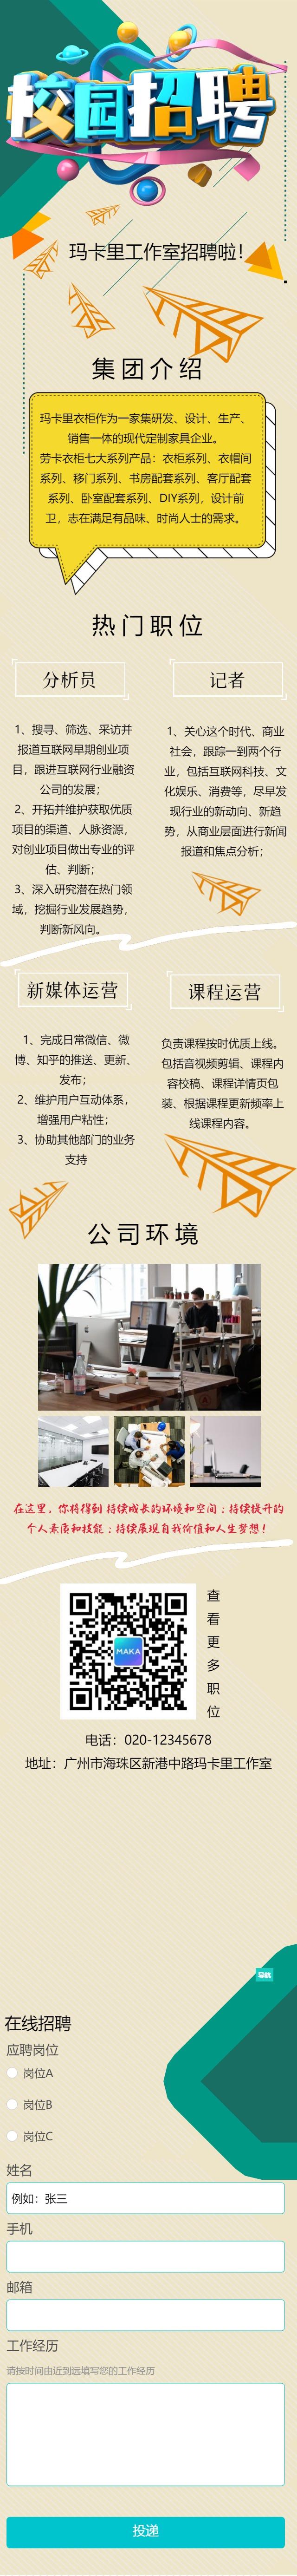 简约文艺科技企业校园招聘单页宣传活动推广